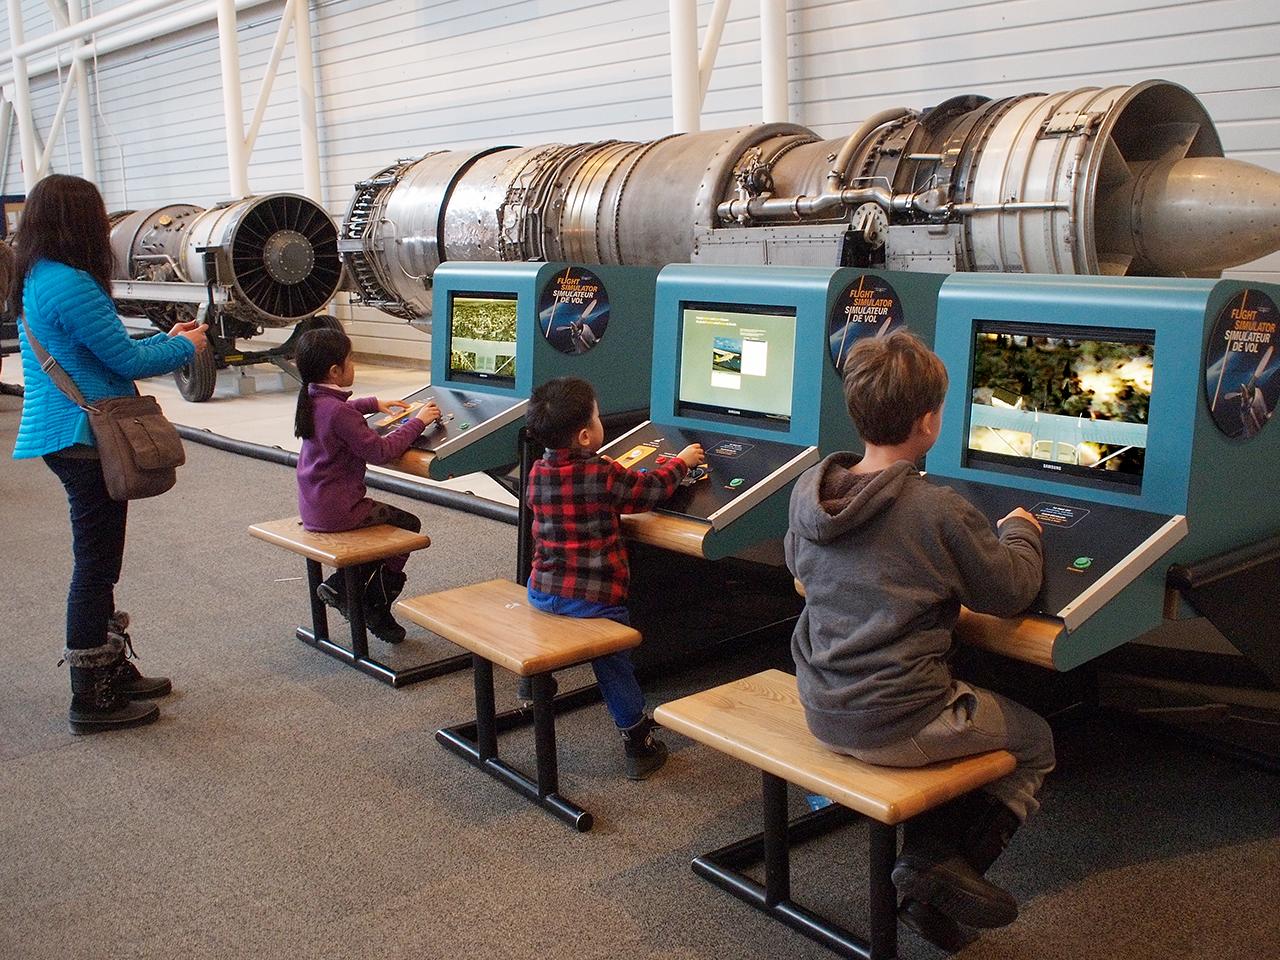 enfants jouant avec des simulateurs de vol